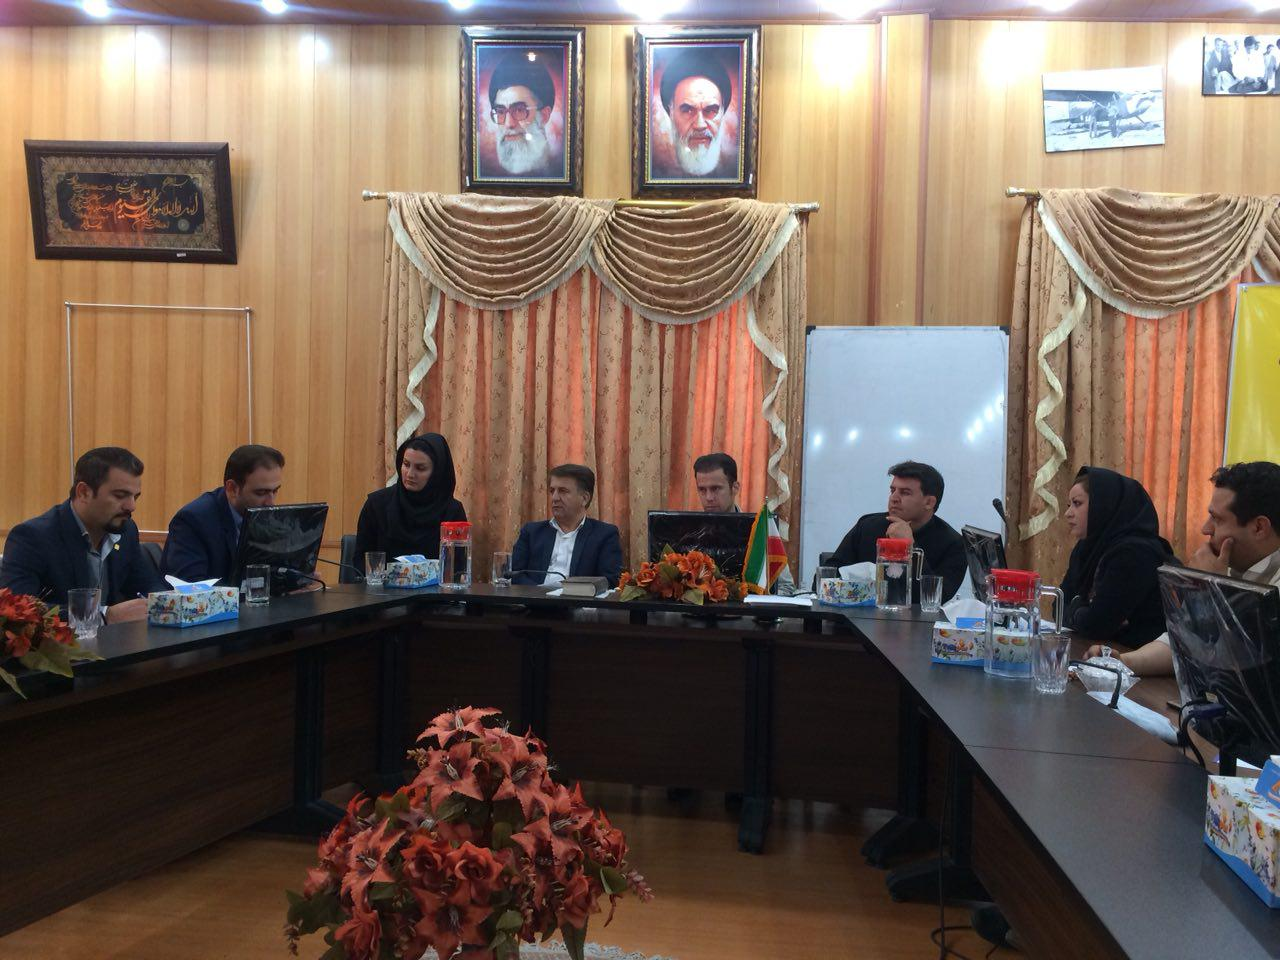 جلسه با اعضای شورای شهر سقز و پیگیری موضوعات تفاهم نامه اداره کل استاندارد و شورای اسلامی استان کردستان